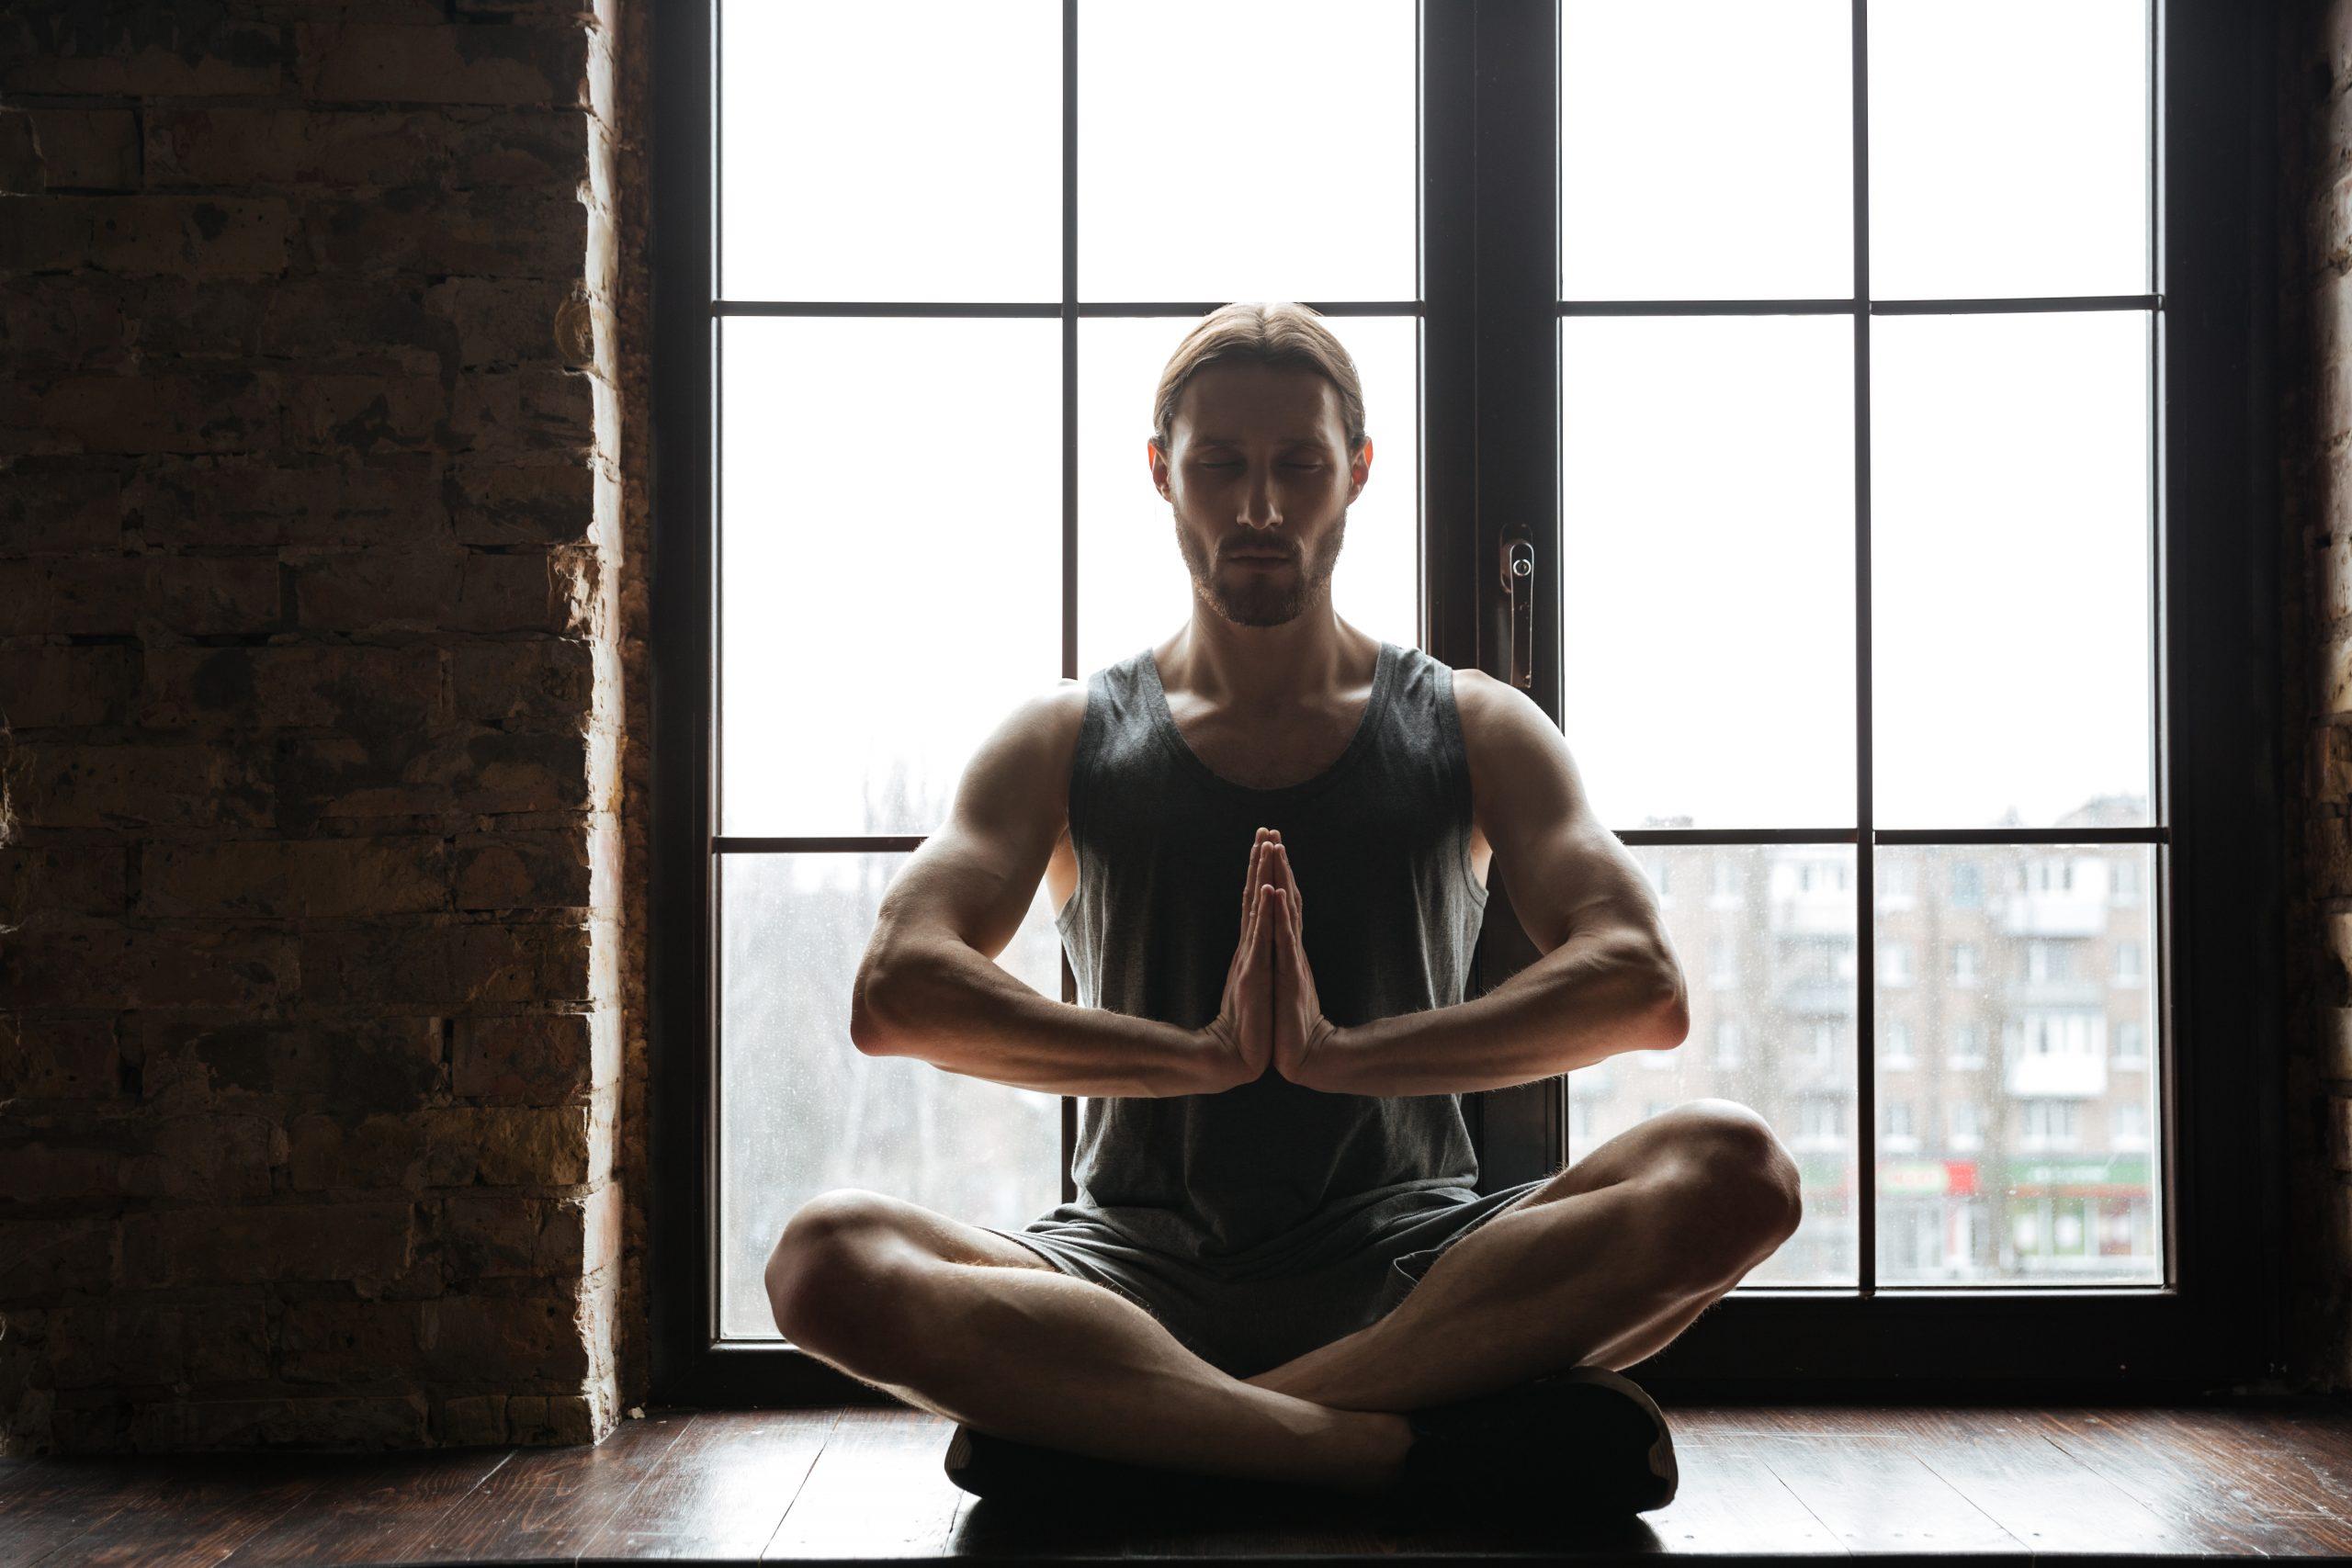 Archangel Gabriel guided meditation